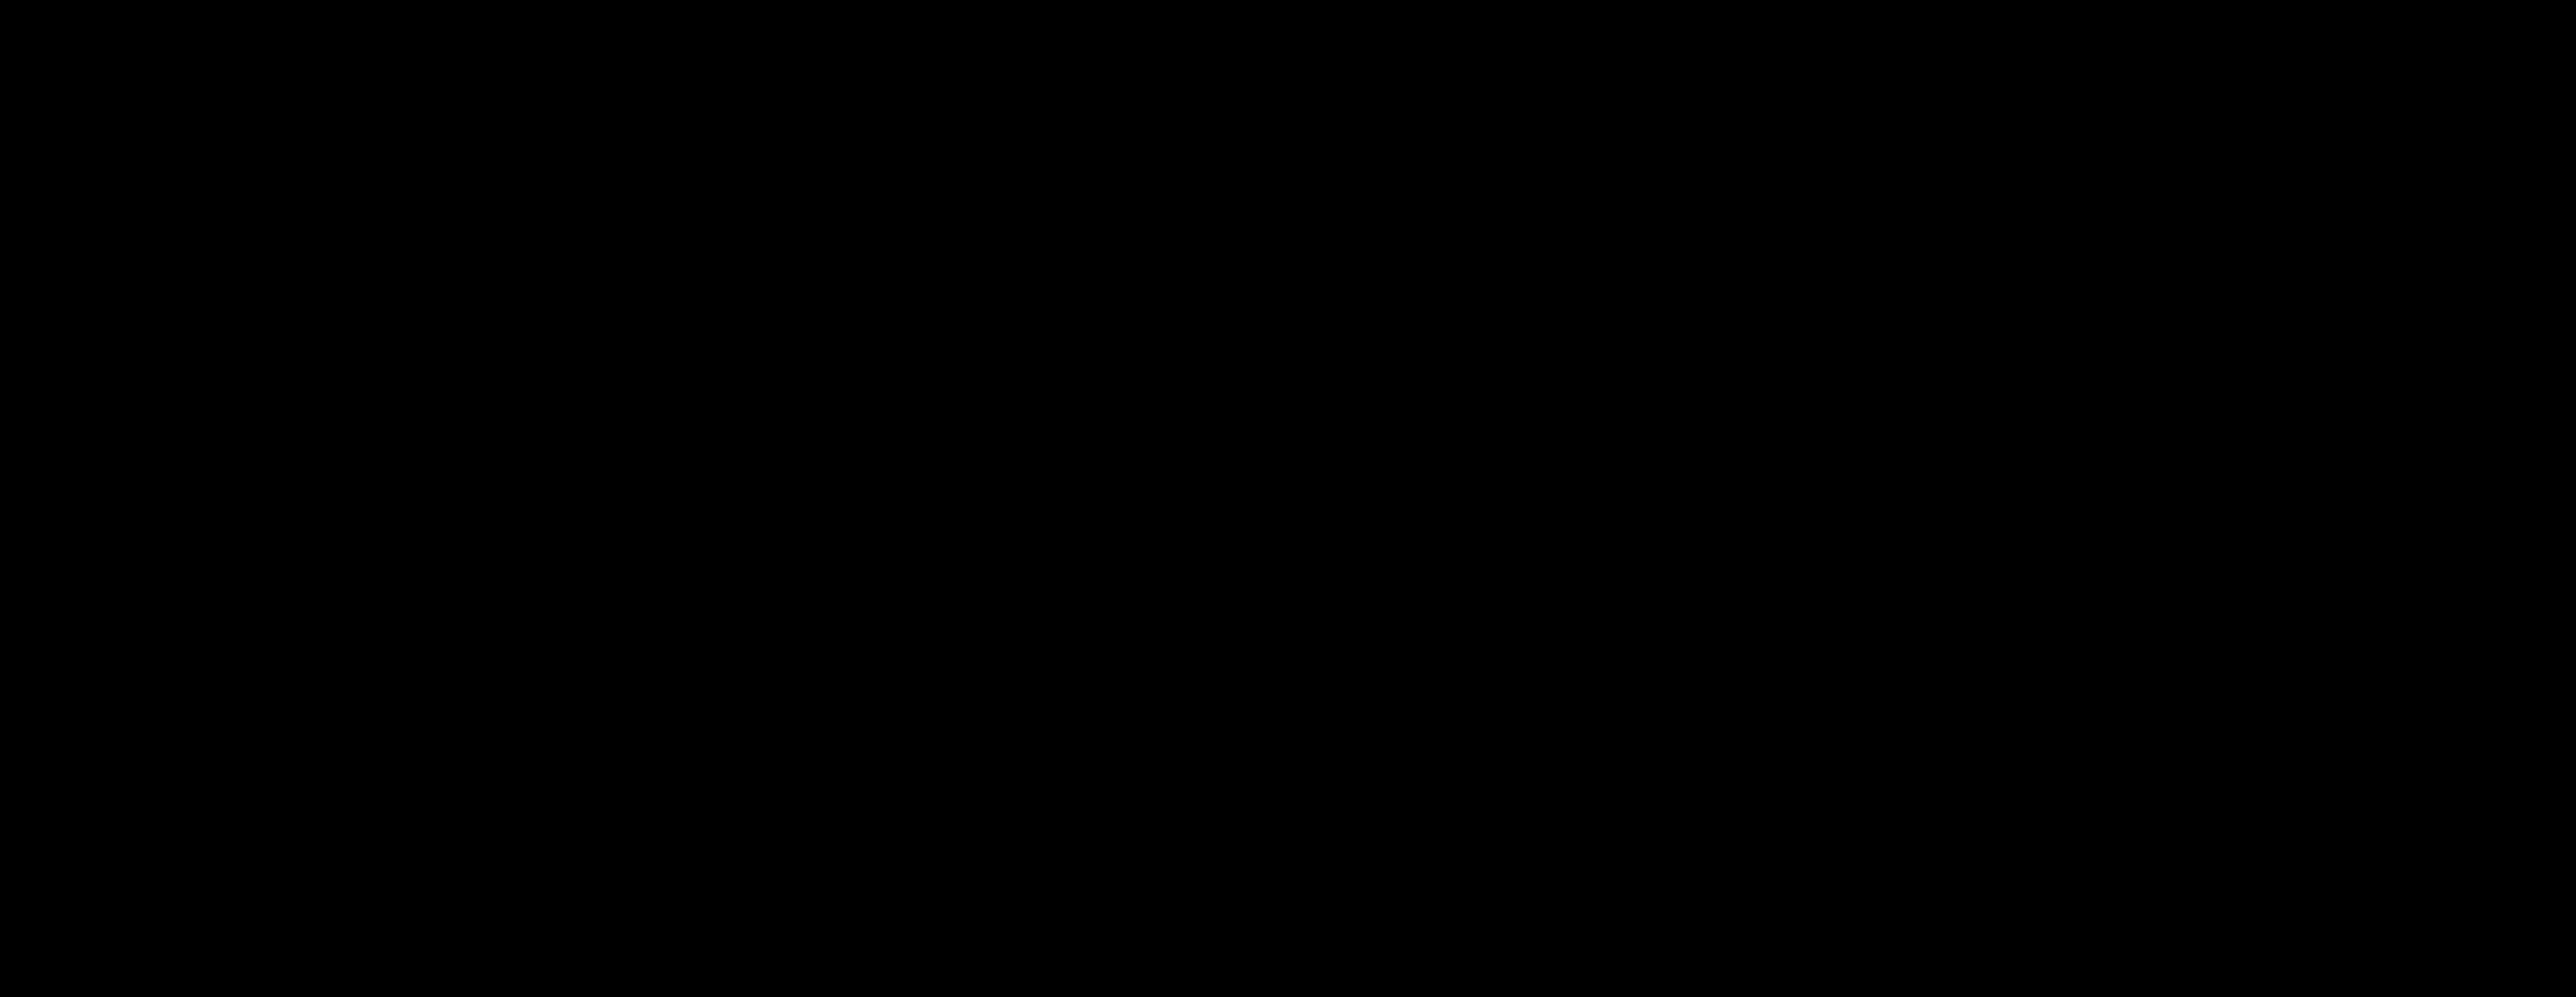 Festivalbc